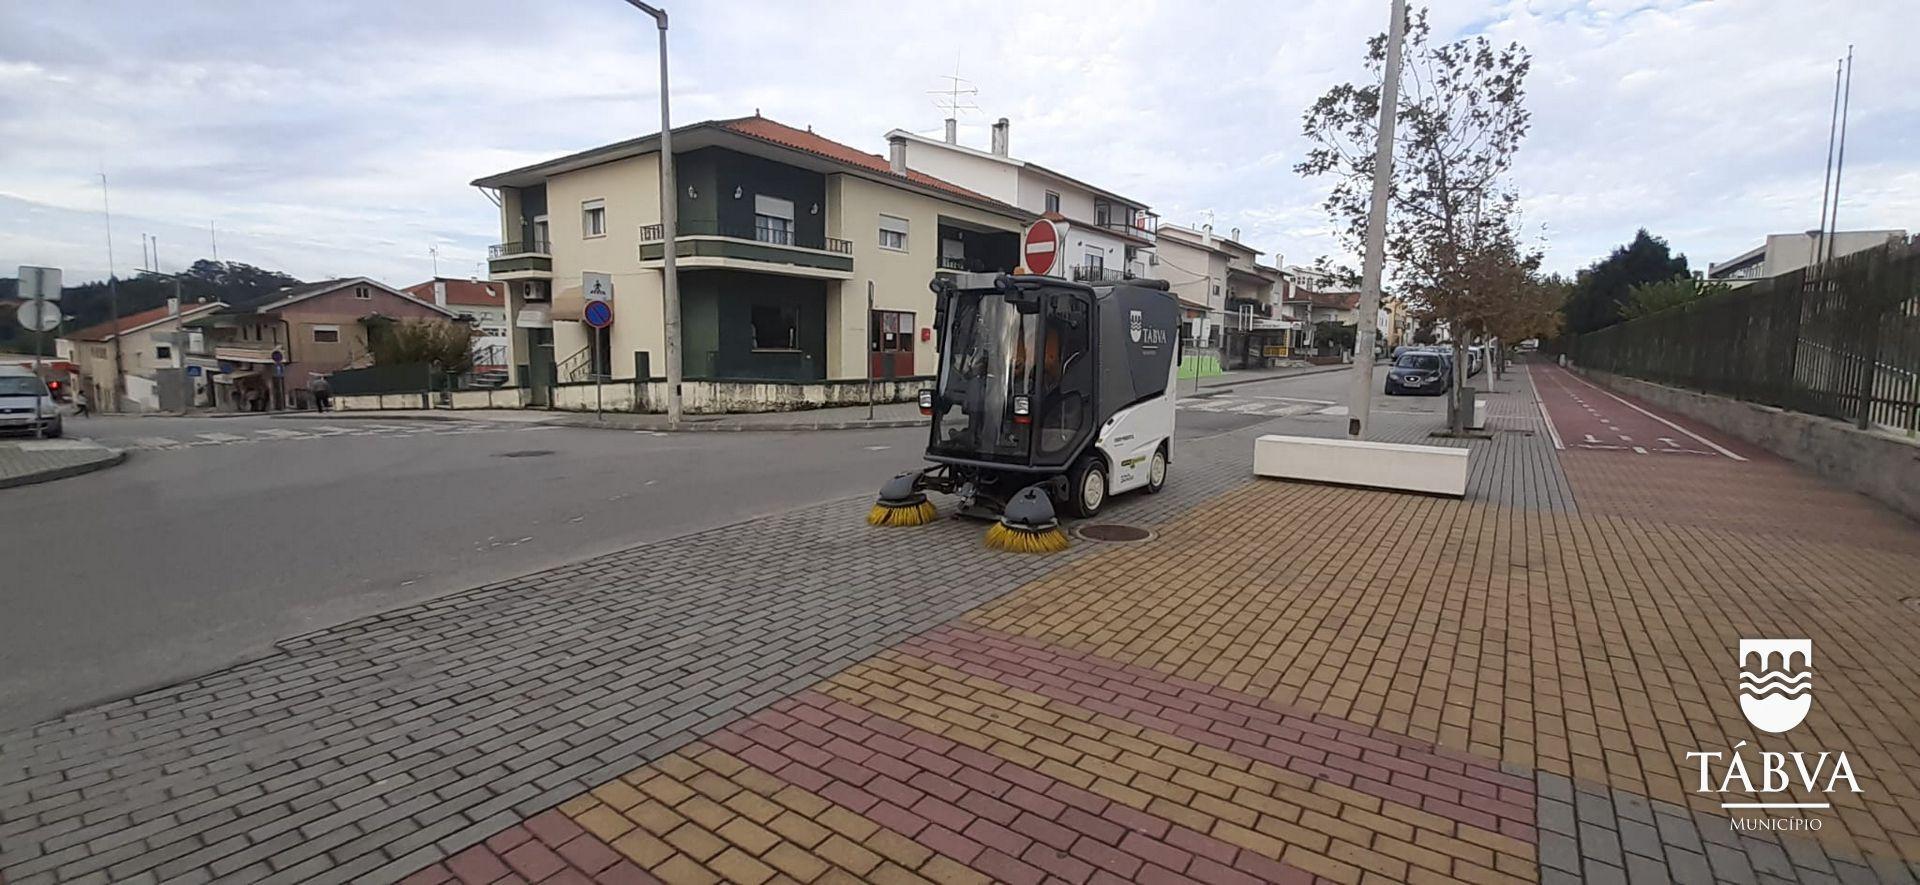 (Português) Autarquia procede à limpeza do Espaço Público